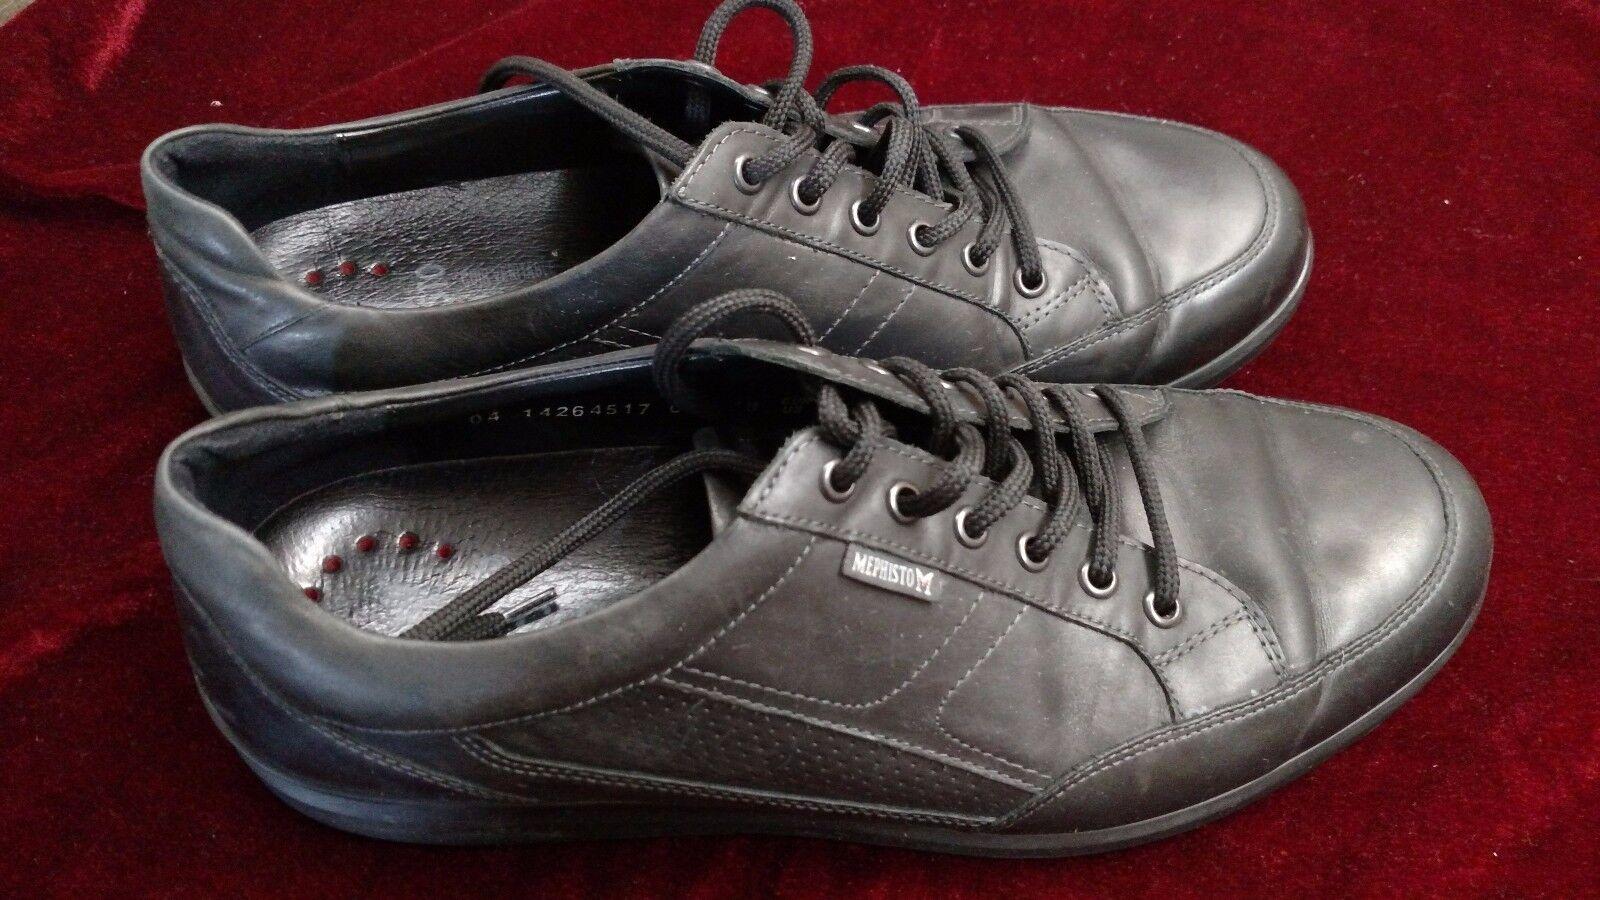 Mephisto Nicolas Black Leather Sneakers Men US Size 10